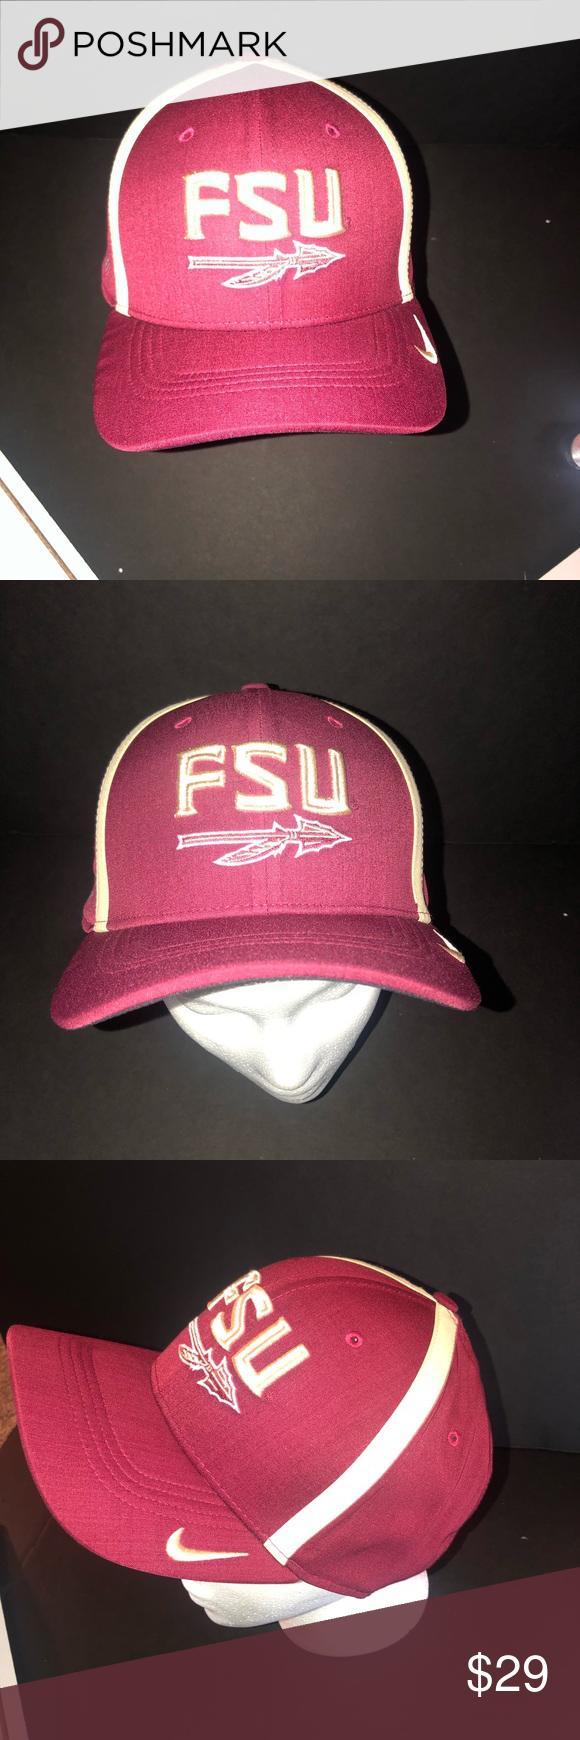 679095d3e Nike FLU FLORIDA STATE UNIVERSITY DRI FIT HAT Authentic Nike NFL ...